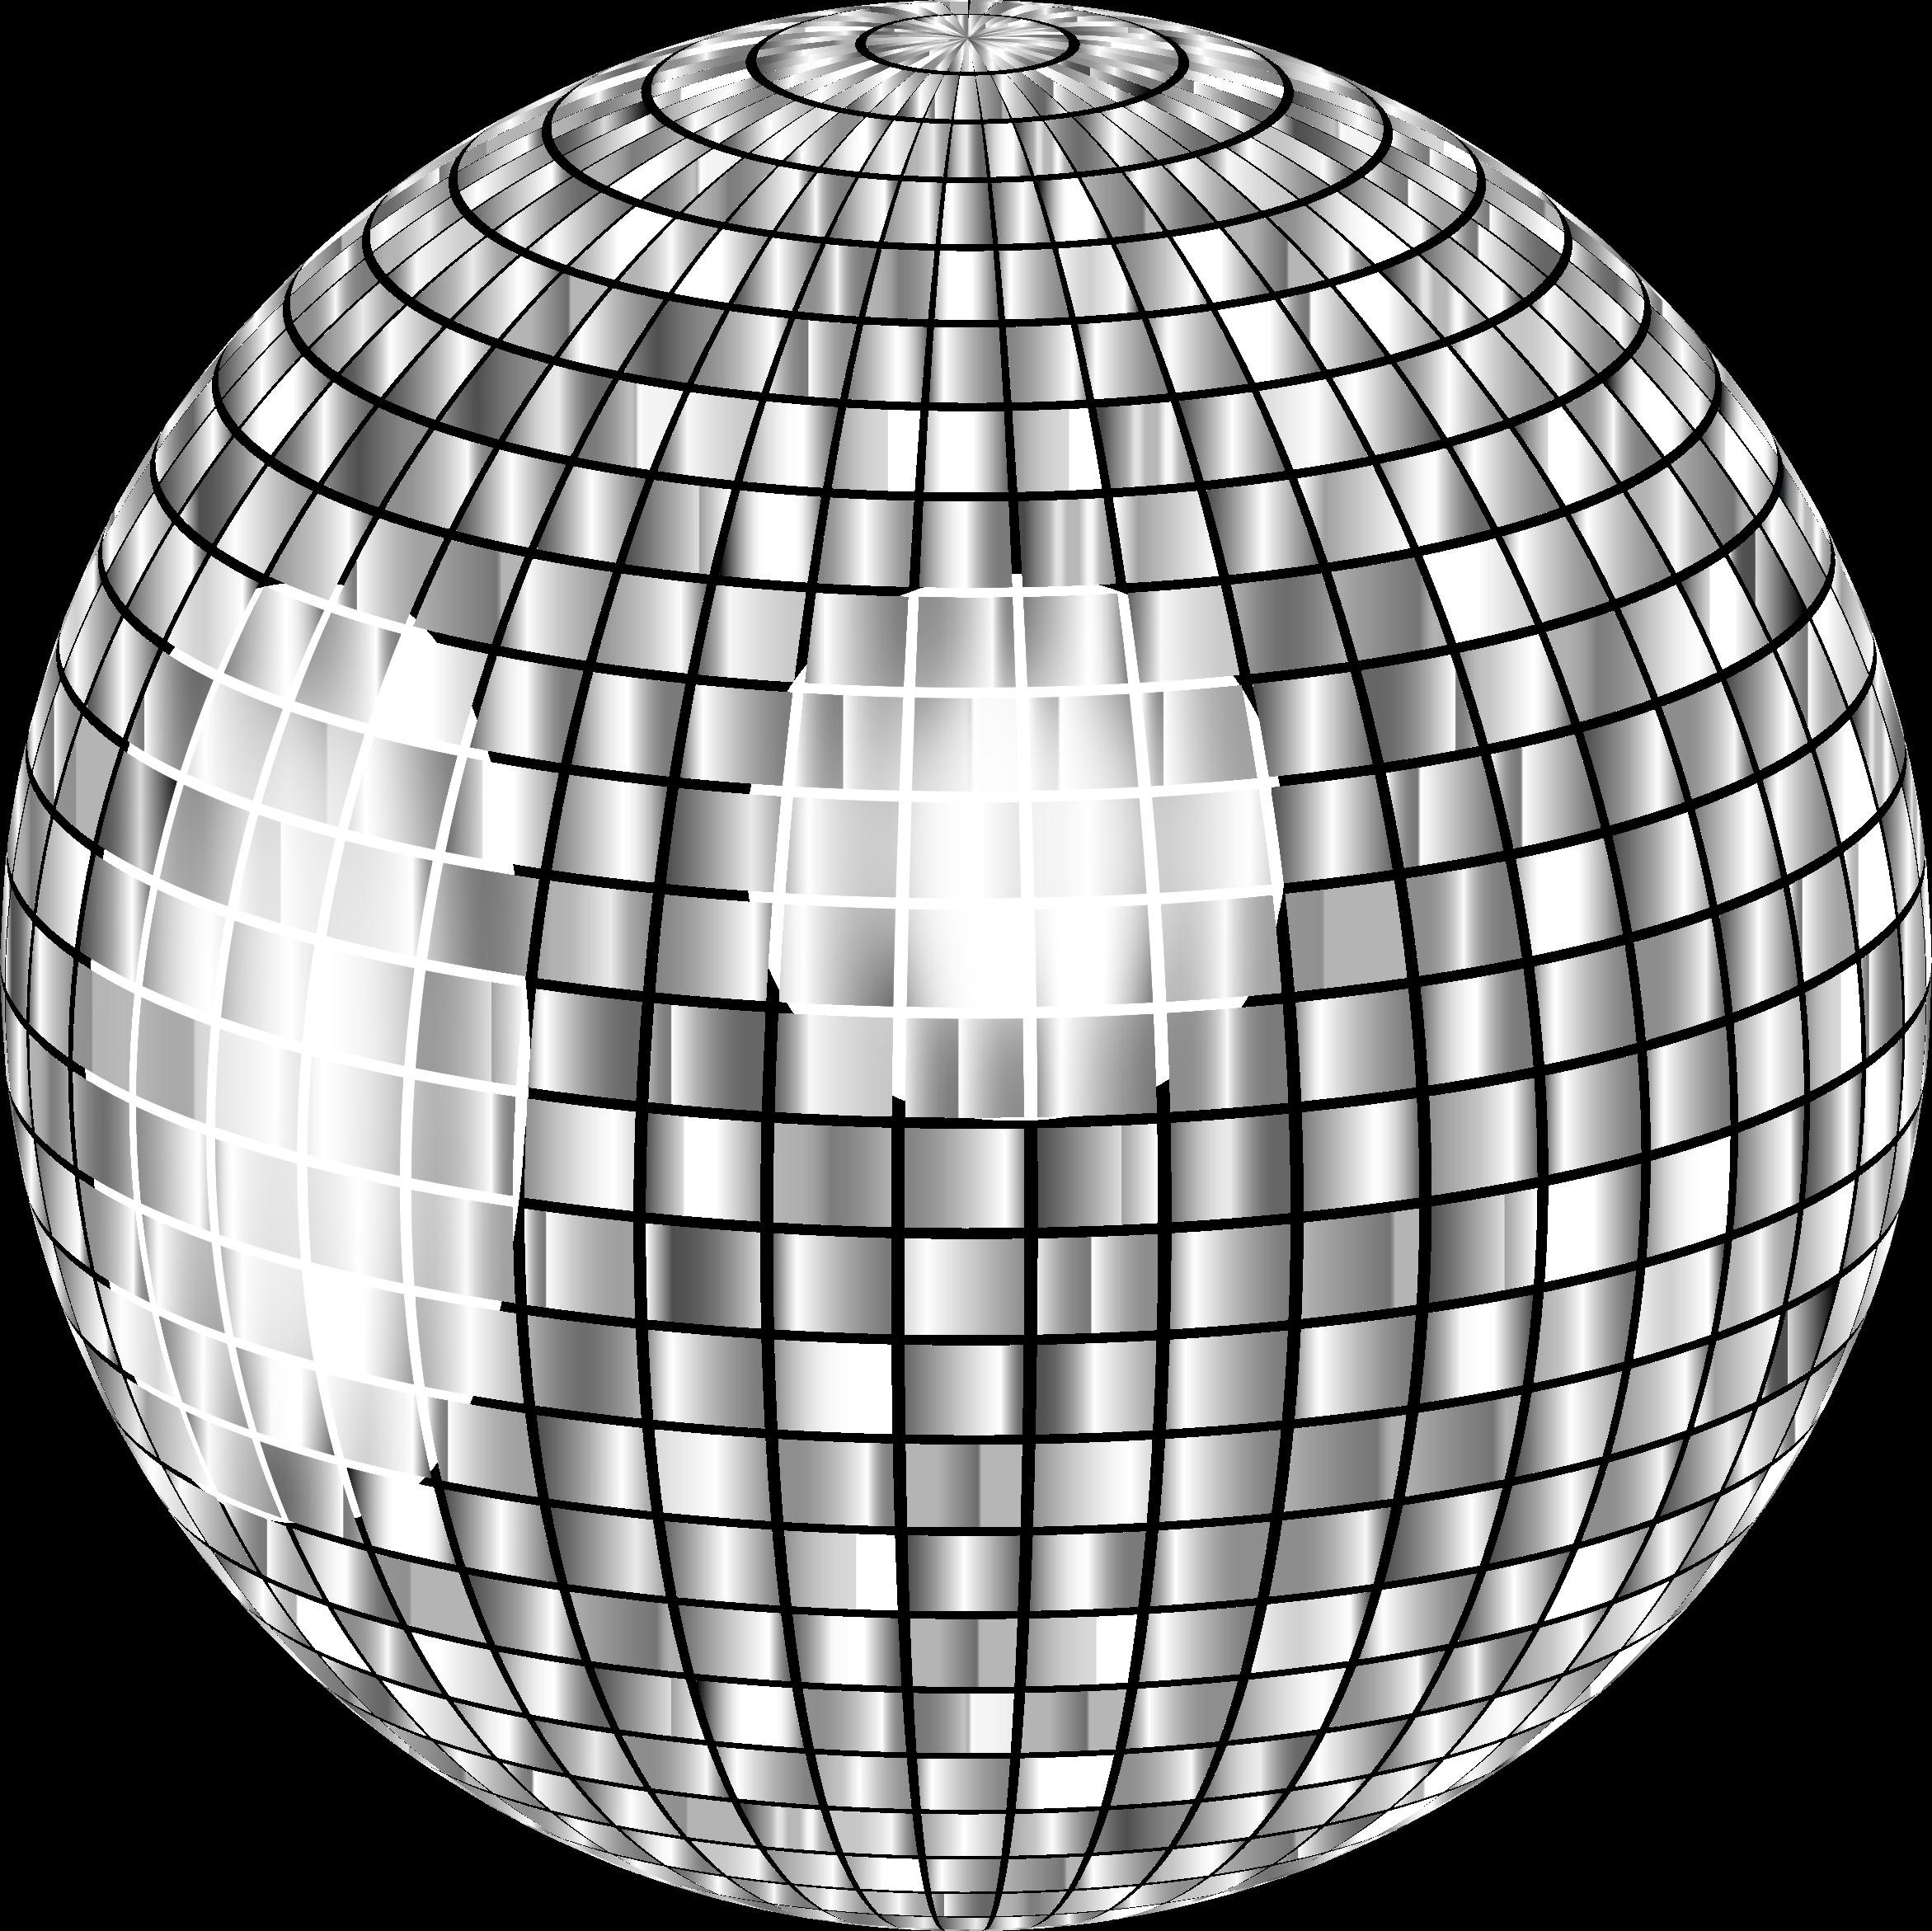 Disco disco ball